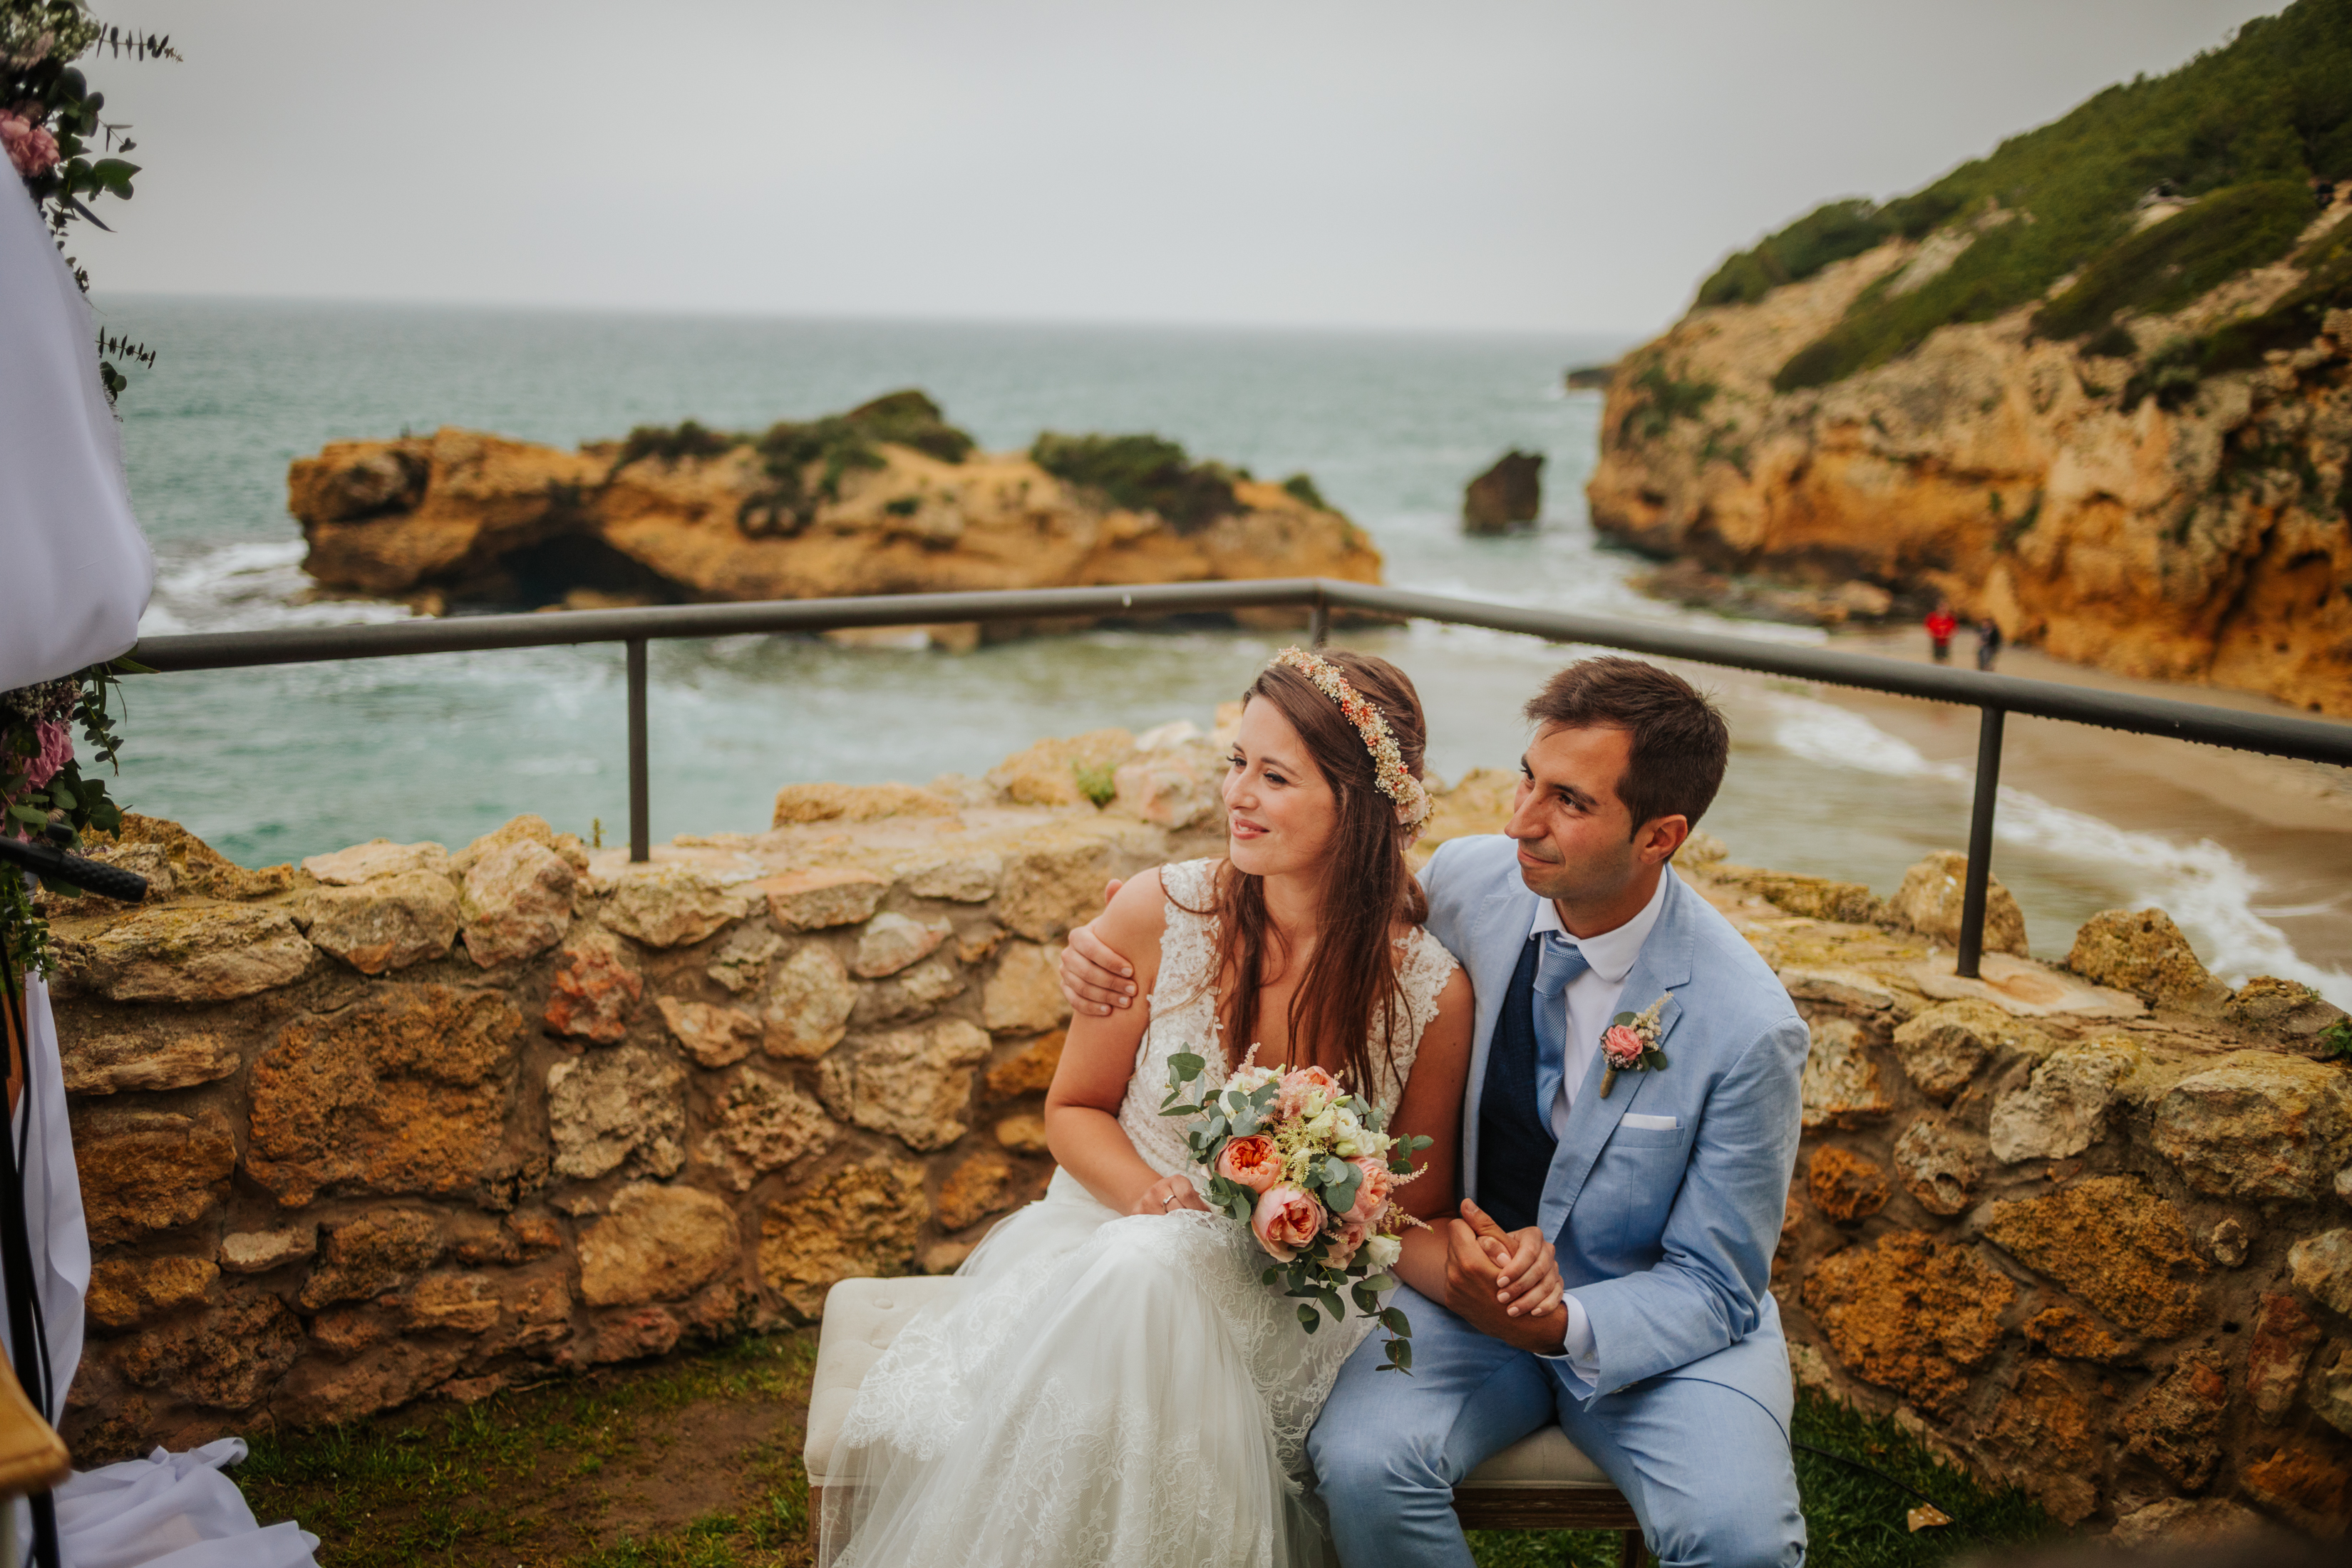 Fotógrafo de boda en Tamarit :: Fotógrafo de bodas Barcelona :: Fotógrafo de bodas Tarragona :: Boda en un castillo :: Boda Altafulla